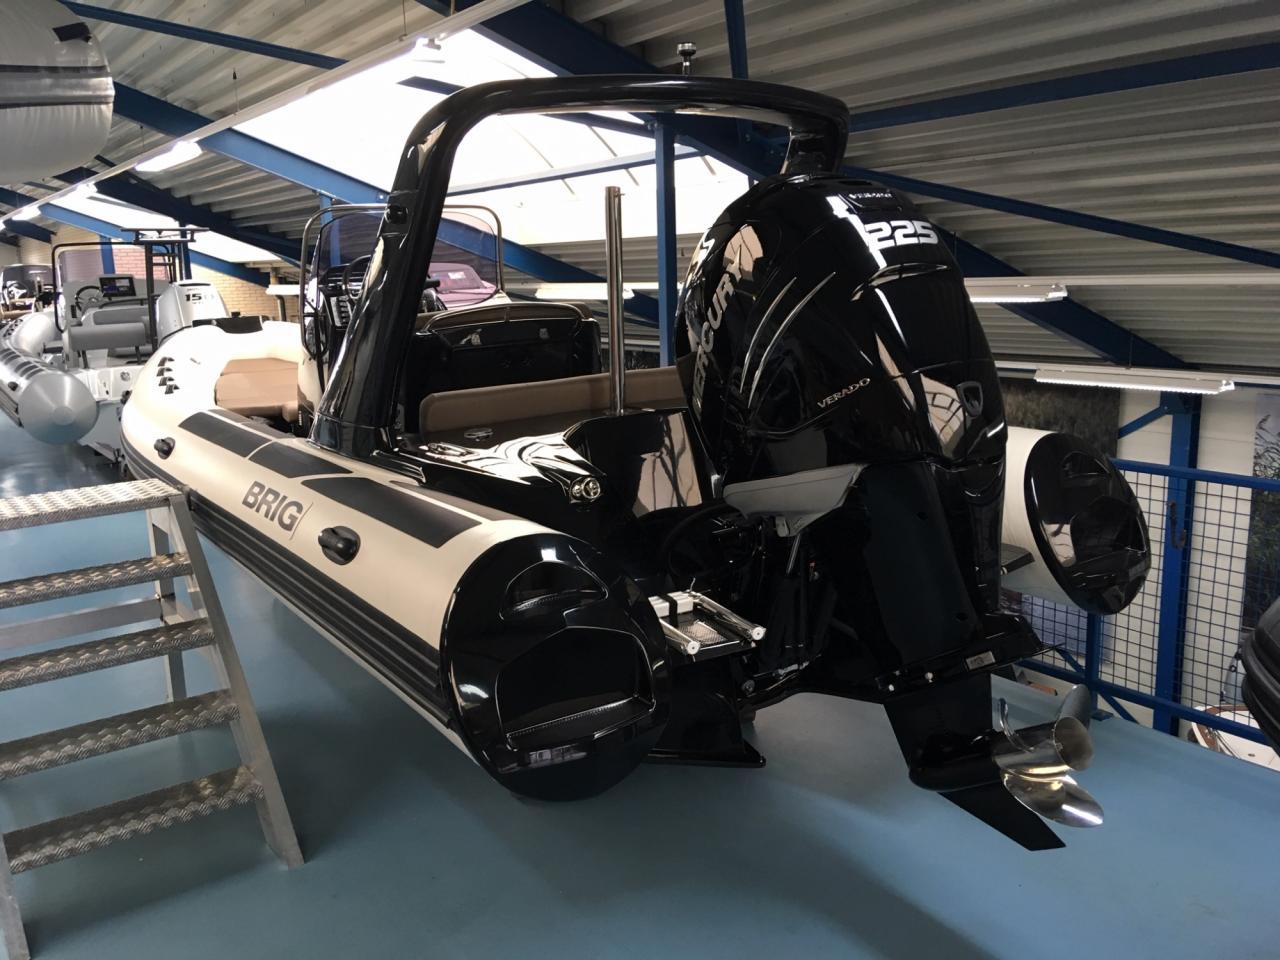 Brig eagle 650 met Mercury Verado 225 pk! 3